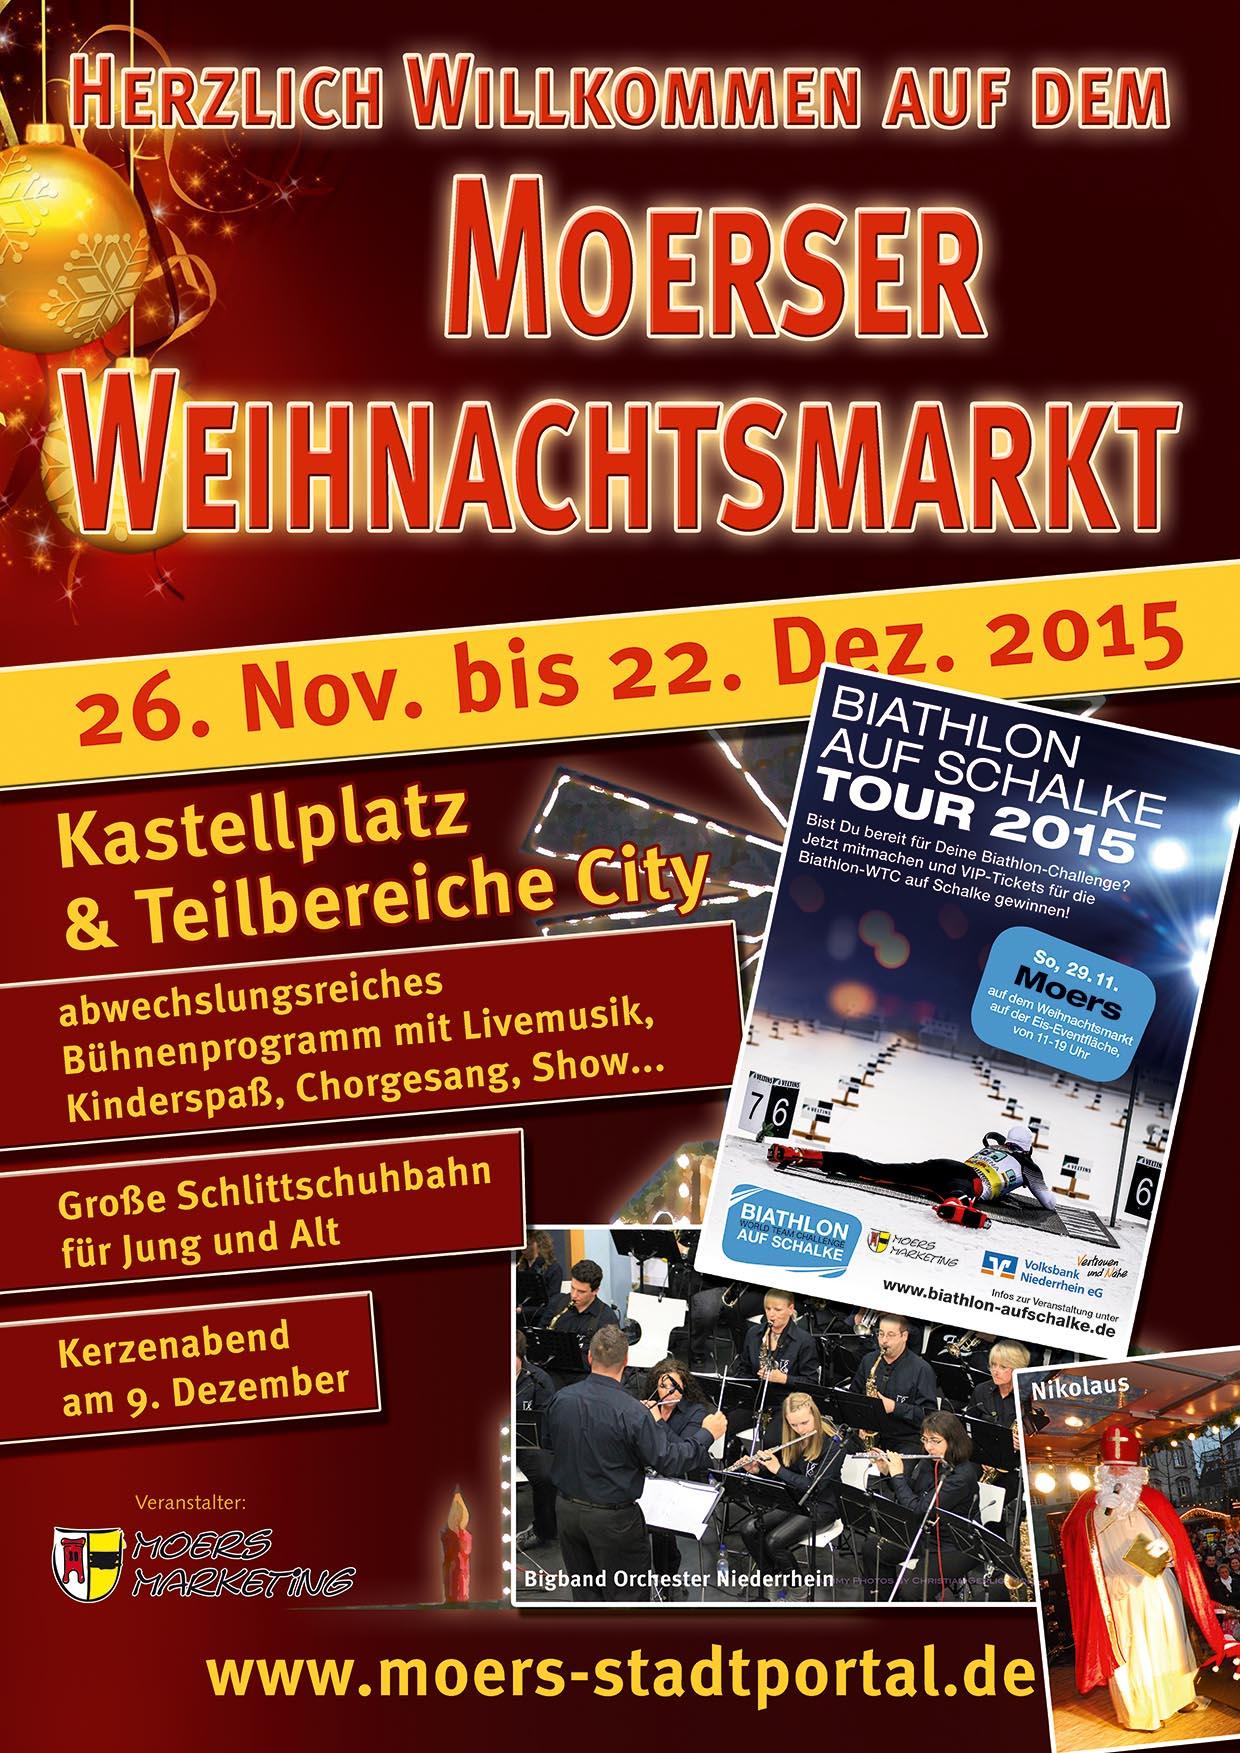 Plakat zum Weihnachtsmarkt 2015